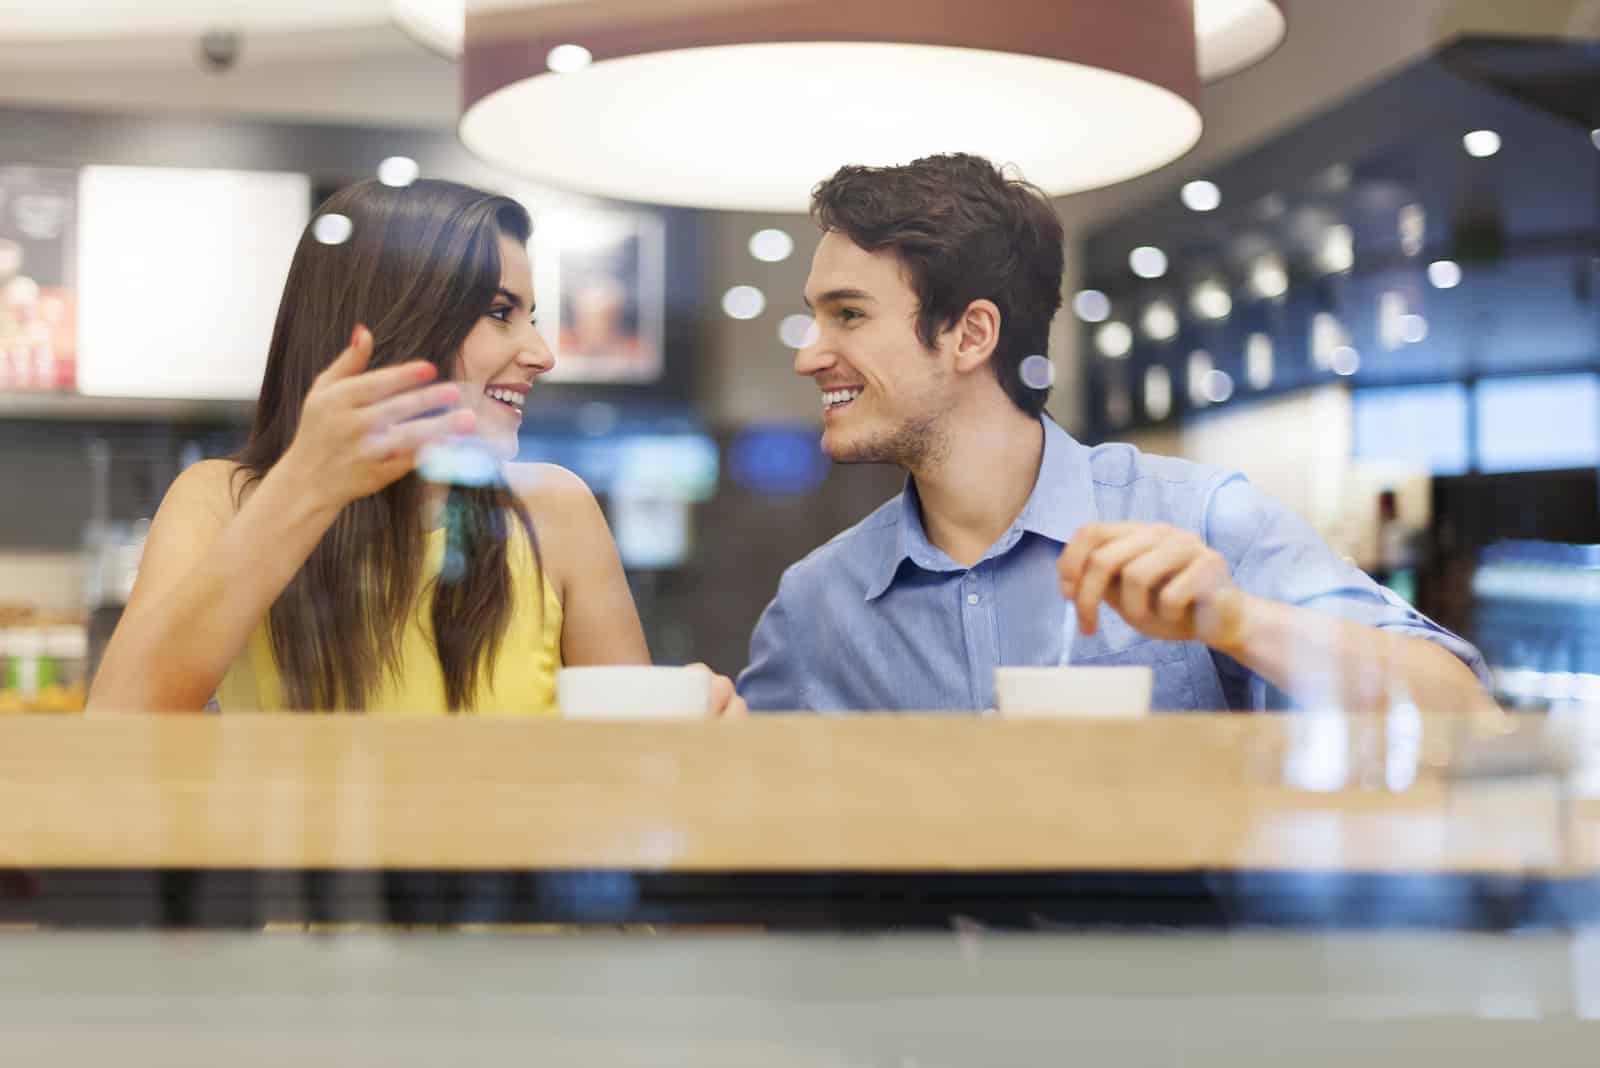 l'homme et la femme rient en parlant